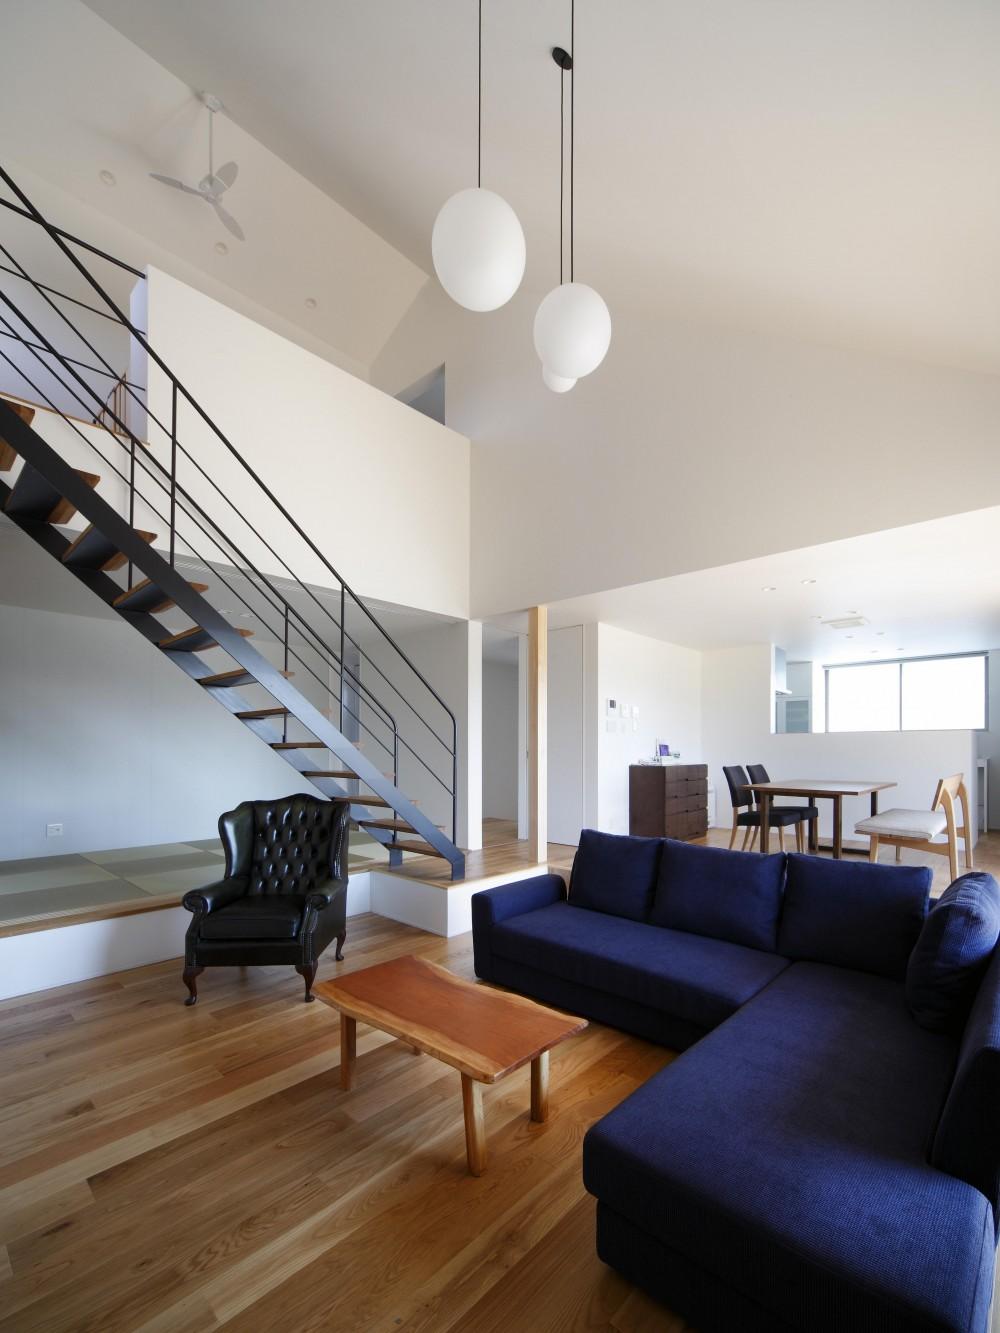 おおきな屋根を楽しむ住まい (勾配屋根の吹抜空間に優雅なスケルトン階段)